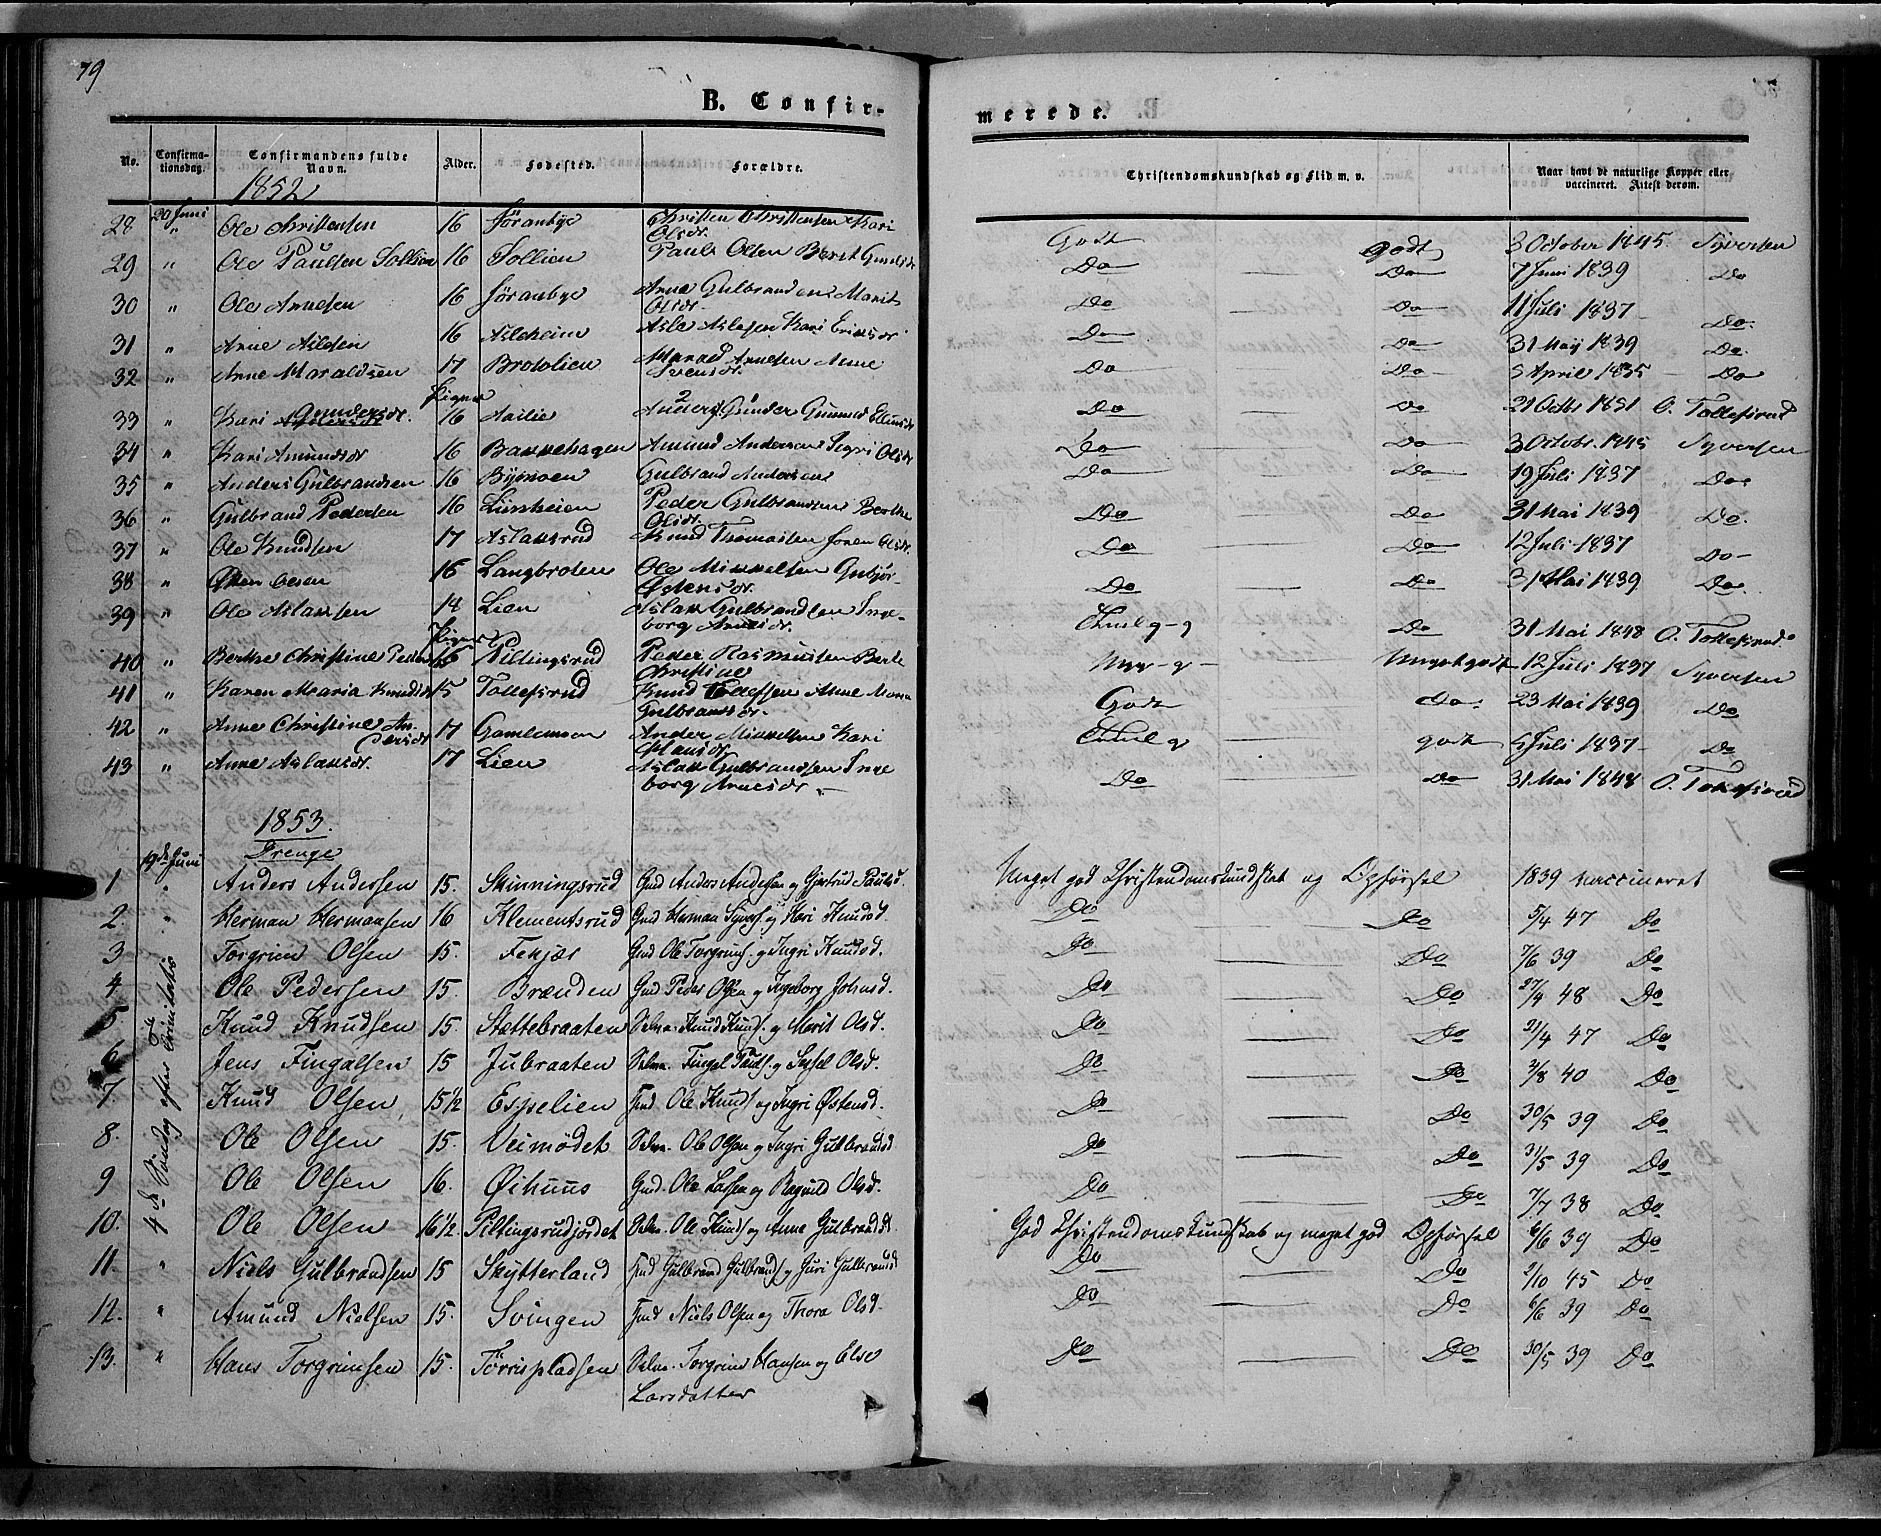 SAH, Sør-Aurdal prestekontor, Ministerialbok nr. 7, 1849-1876, s. 79